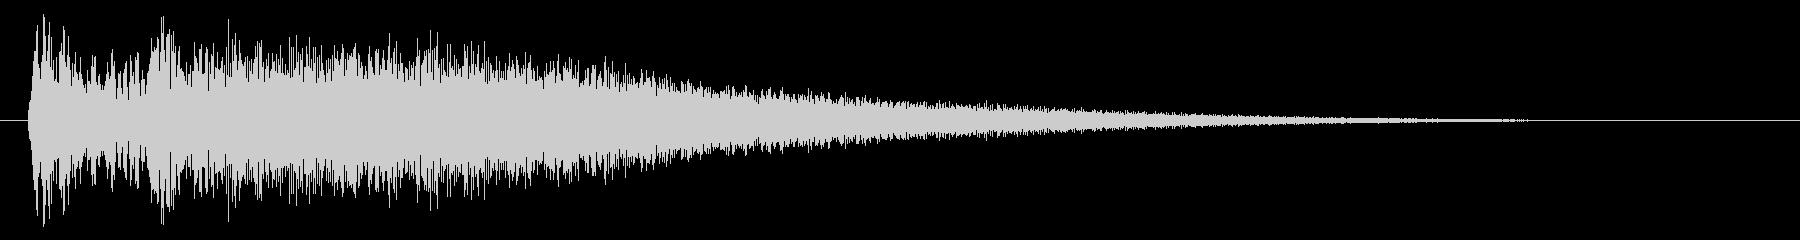 チリン、チン(コイン獲得音、ひらめき)の未再生の波形